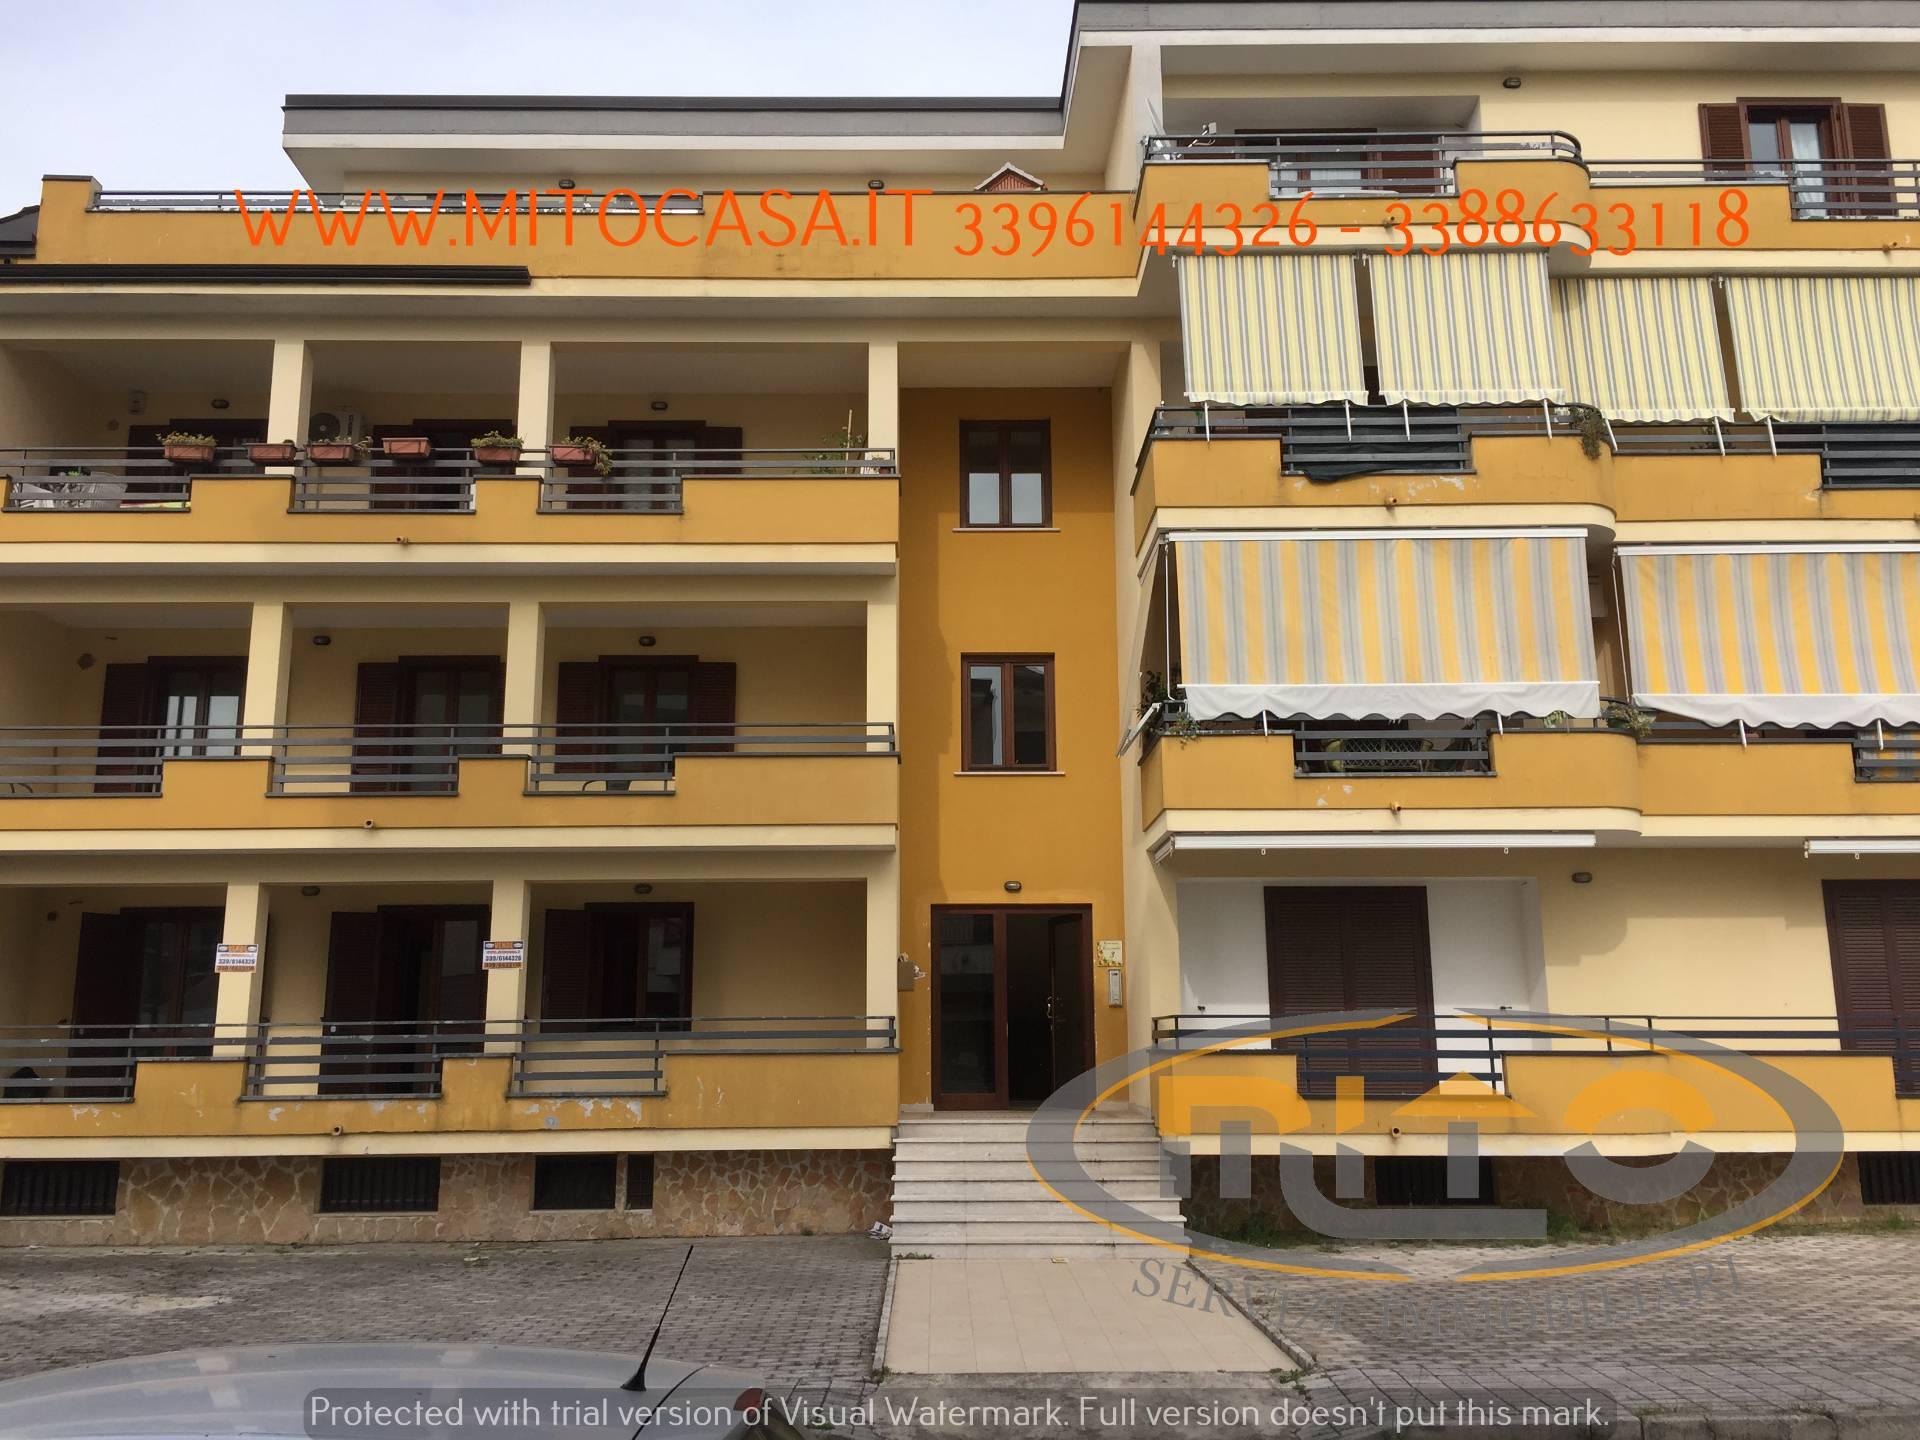 Appartamento in vendita a Telese Terme, 7 locali, prezzo € 105.000 | CambioCasa.it